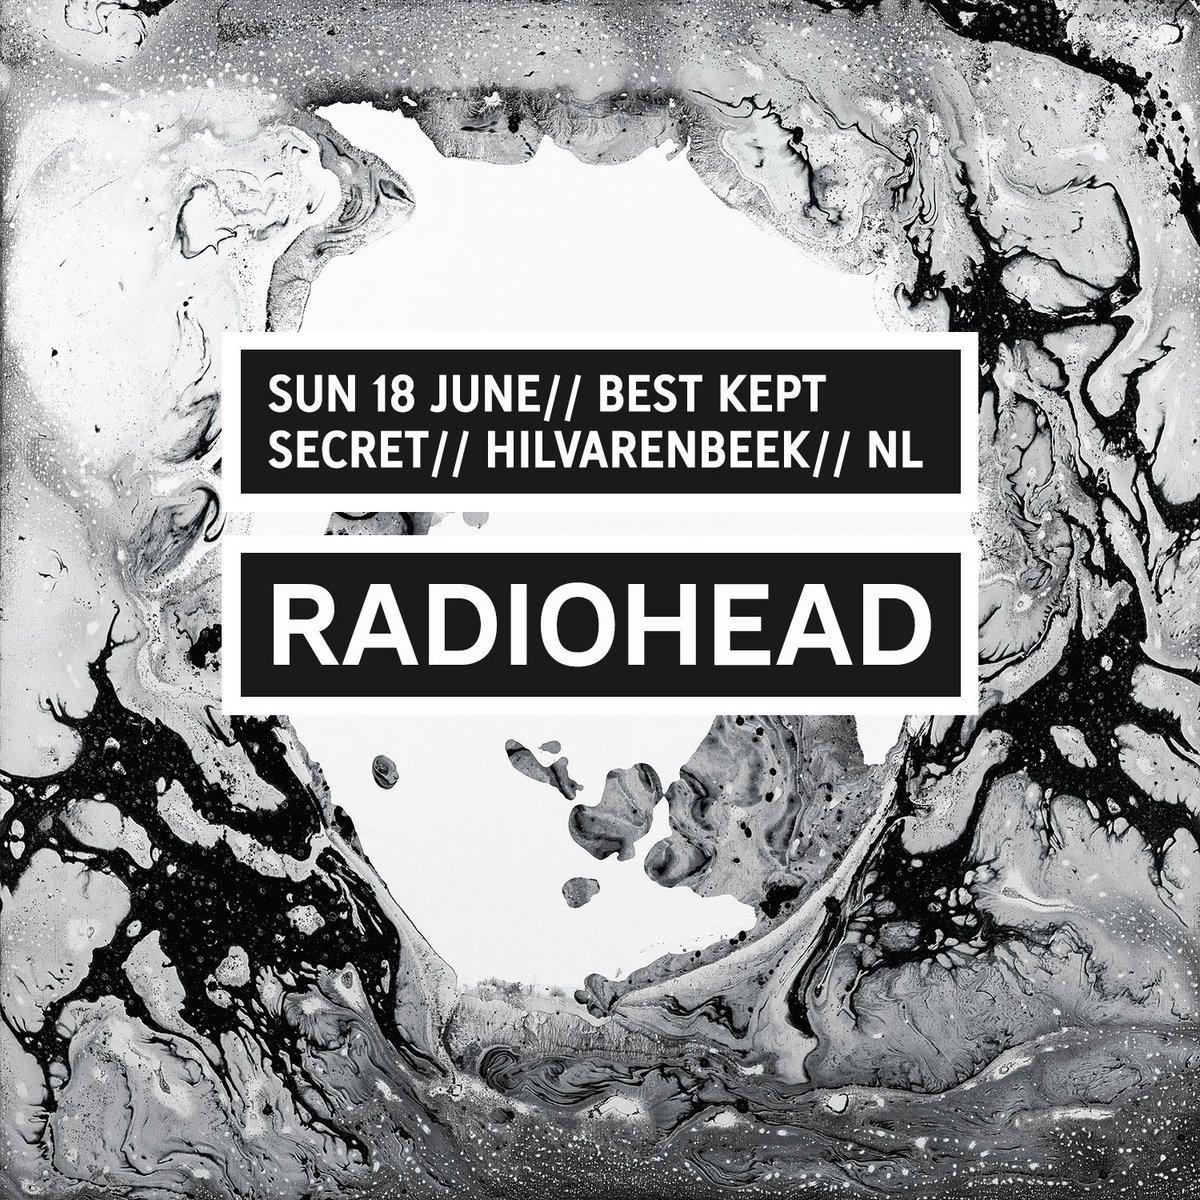 Radiohead Bootlegs Radiohead 2017 06 18 Best Kept Secret Full